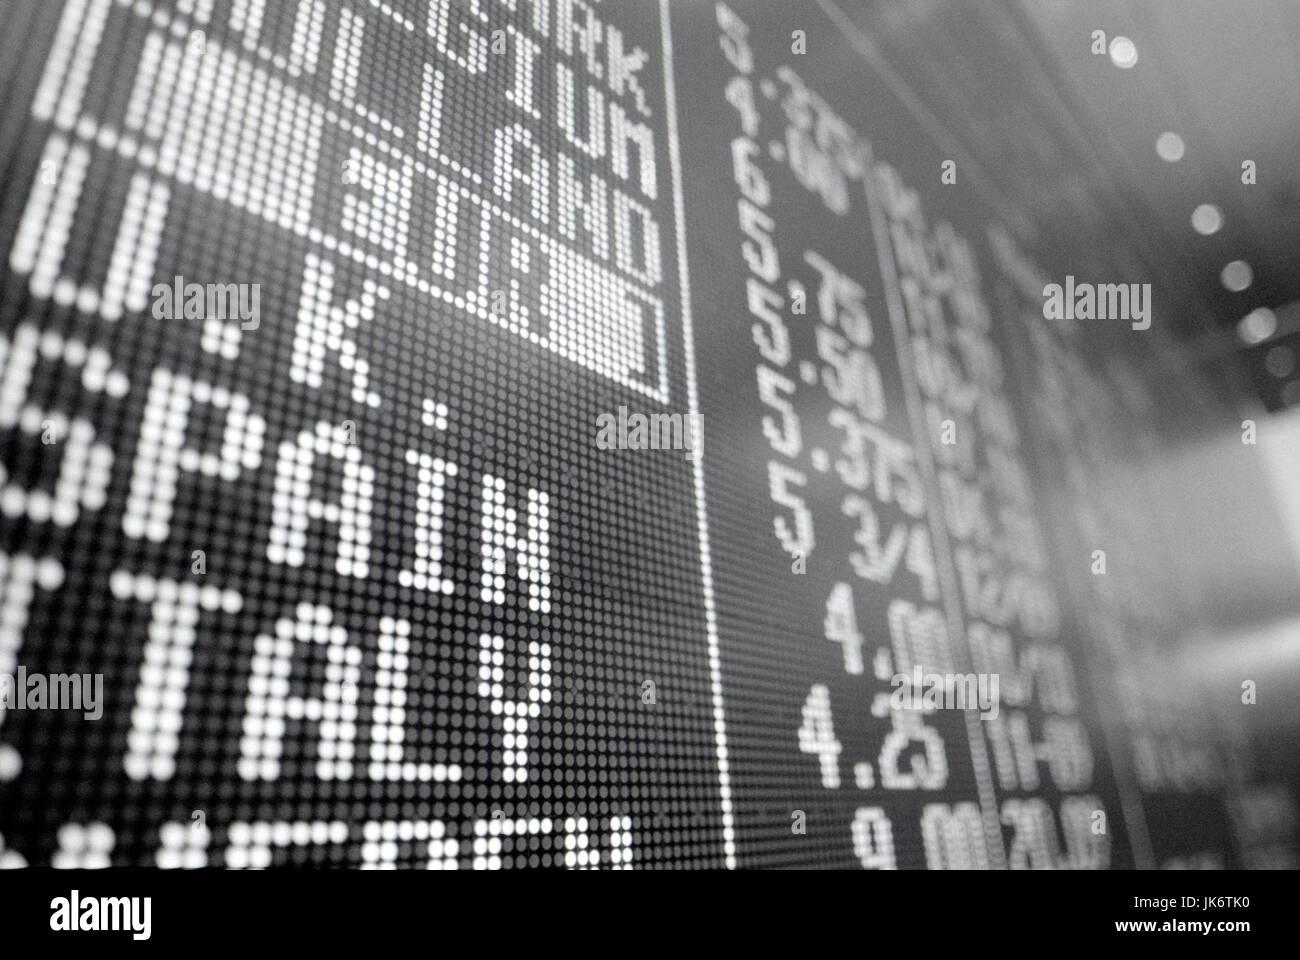 Schweiz, Zürich, Börse, Anzeigetafel, Detail  Wirtschaft, Handel, Aktienmarkt, Information, Informationstafel, - Stock Image